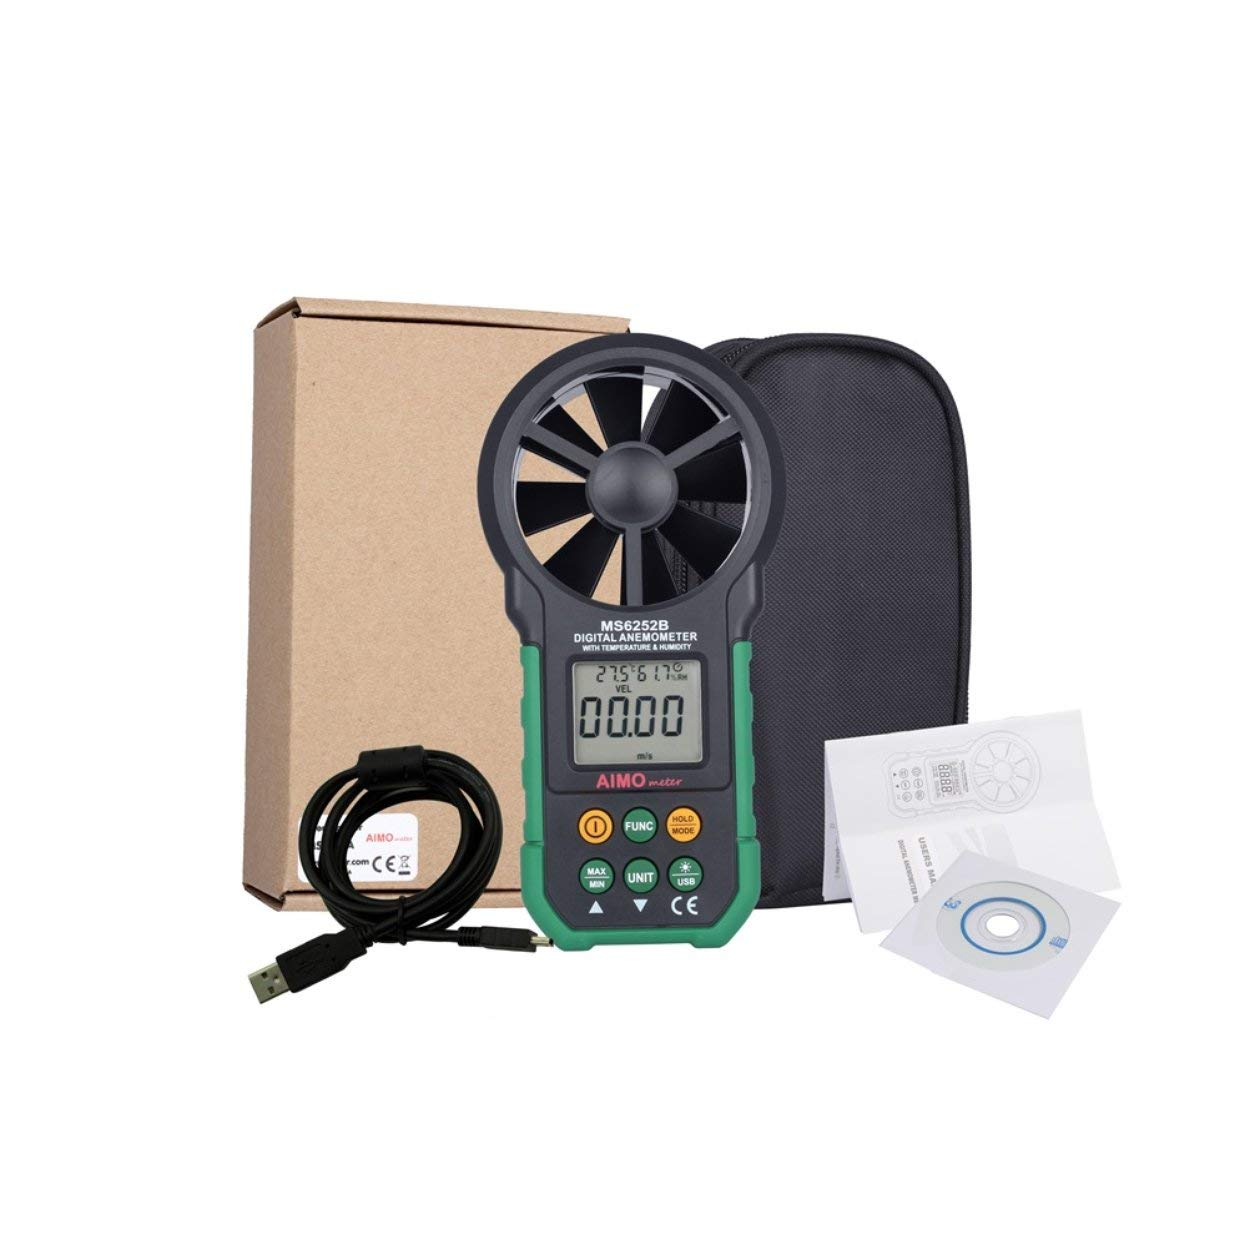 Heraihe Pantalla LCD Temperatura de luz de Fondo Velocidad del Viento Humedad Anemómetro Digital